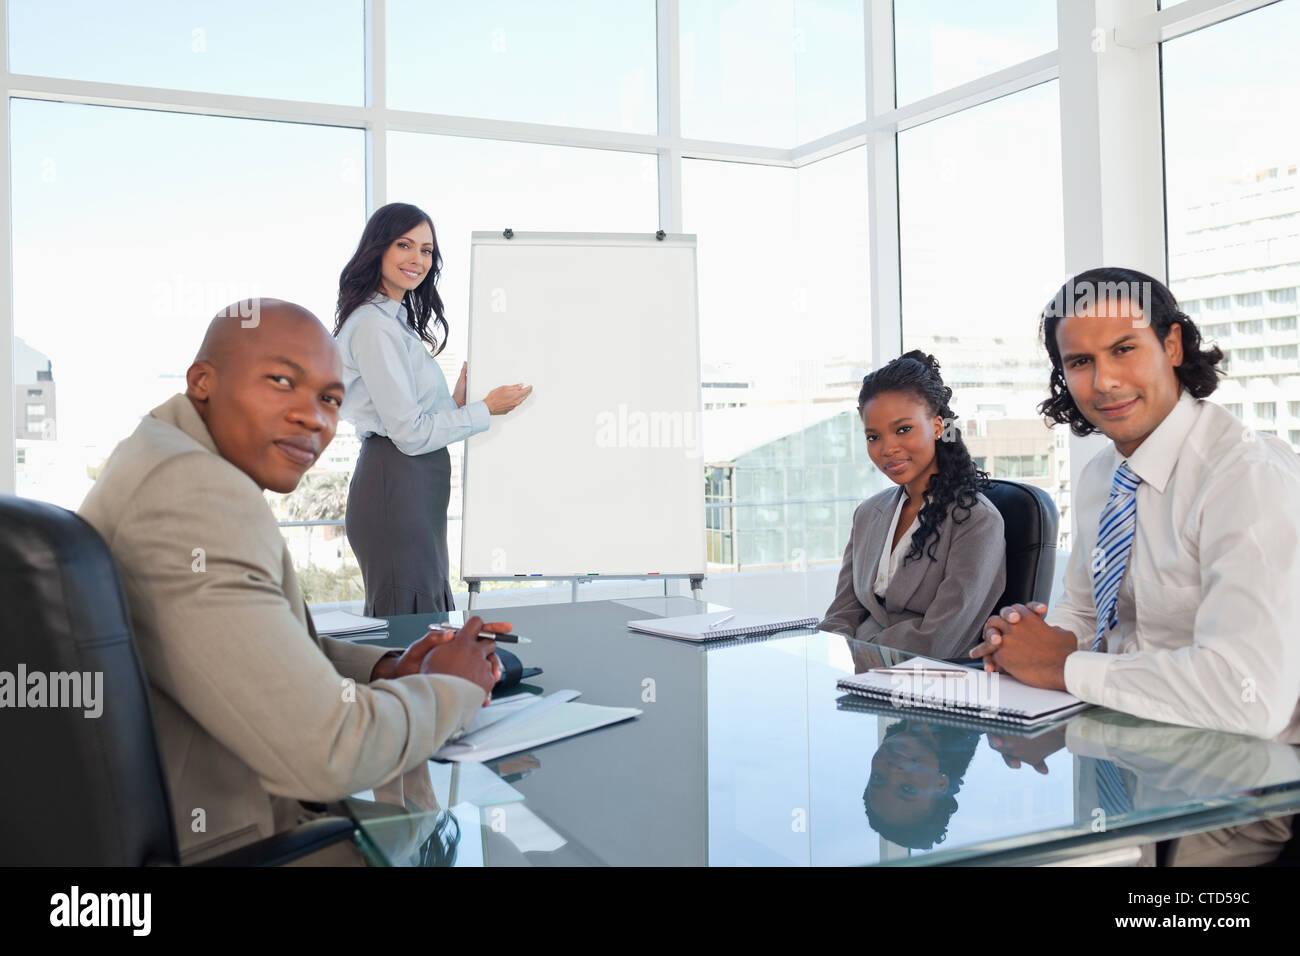 Equipo empresarial casi sonriente en una sala durante una presentación Foto de stock